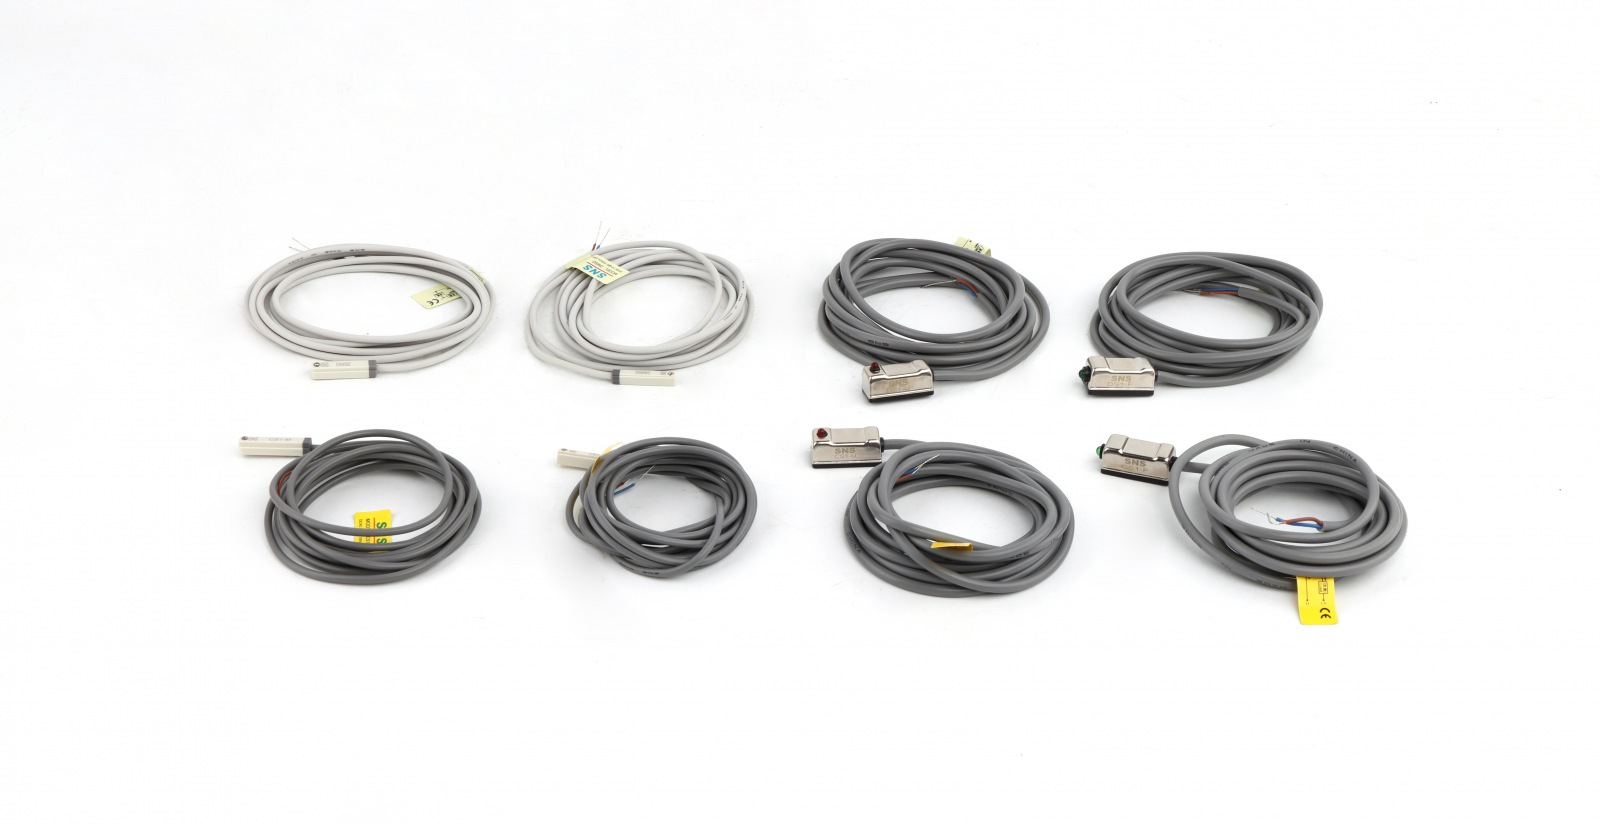 产品 | 神驰固态电子式磁性开关与磁簧管式磁性开关的区别